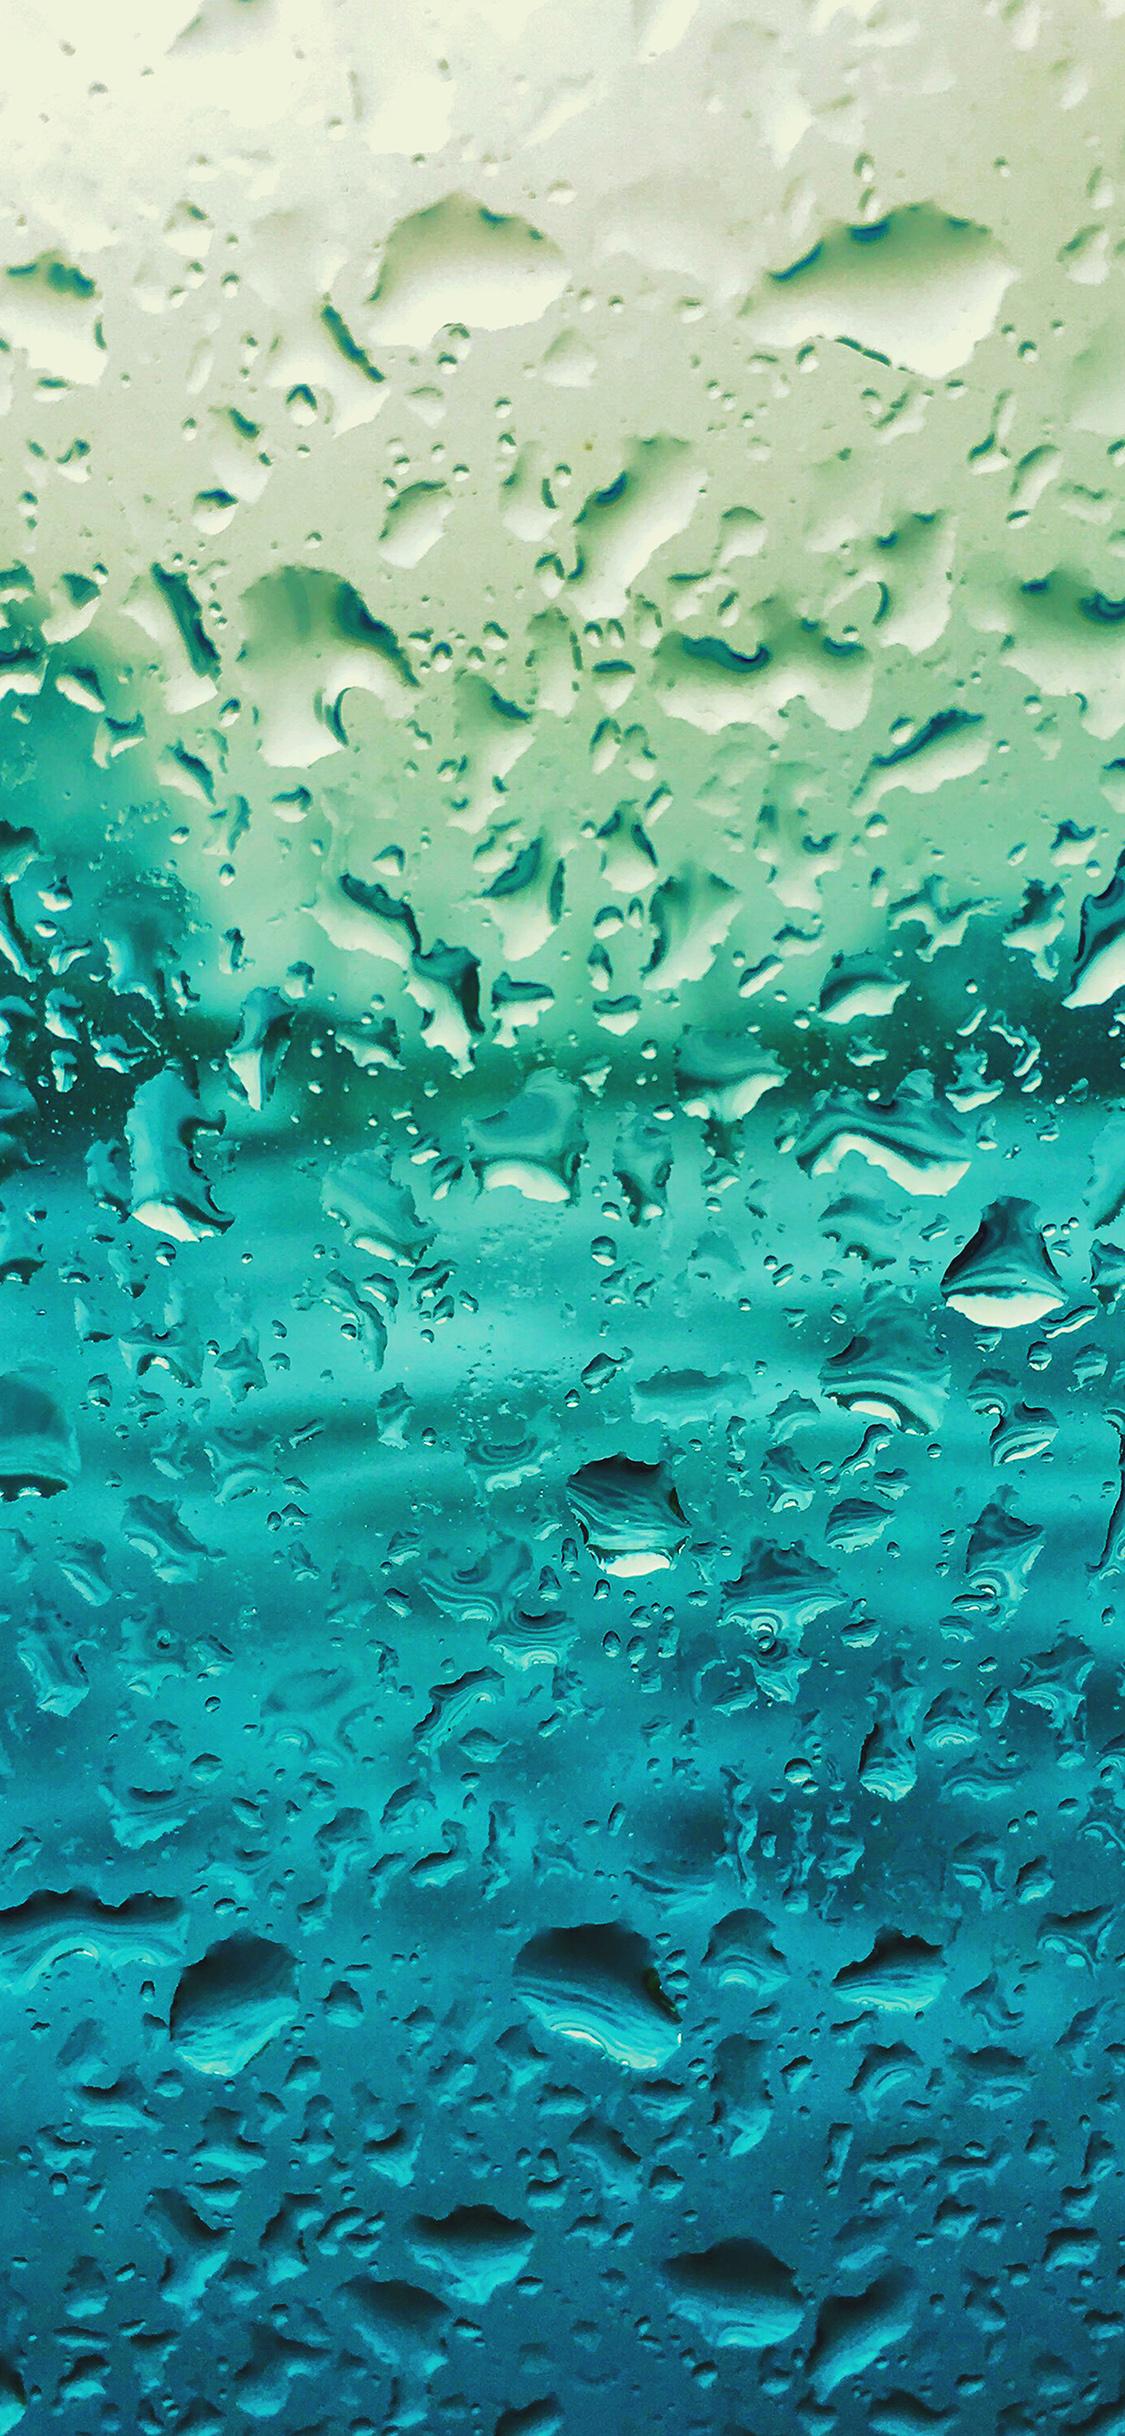 Iphonexpapers Com Iphone X Wallpaper Vr68 Rain Drop